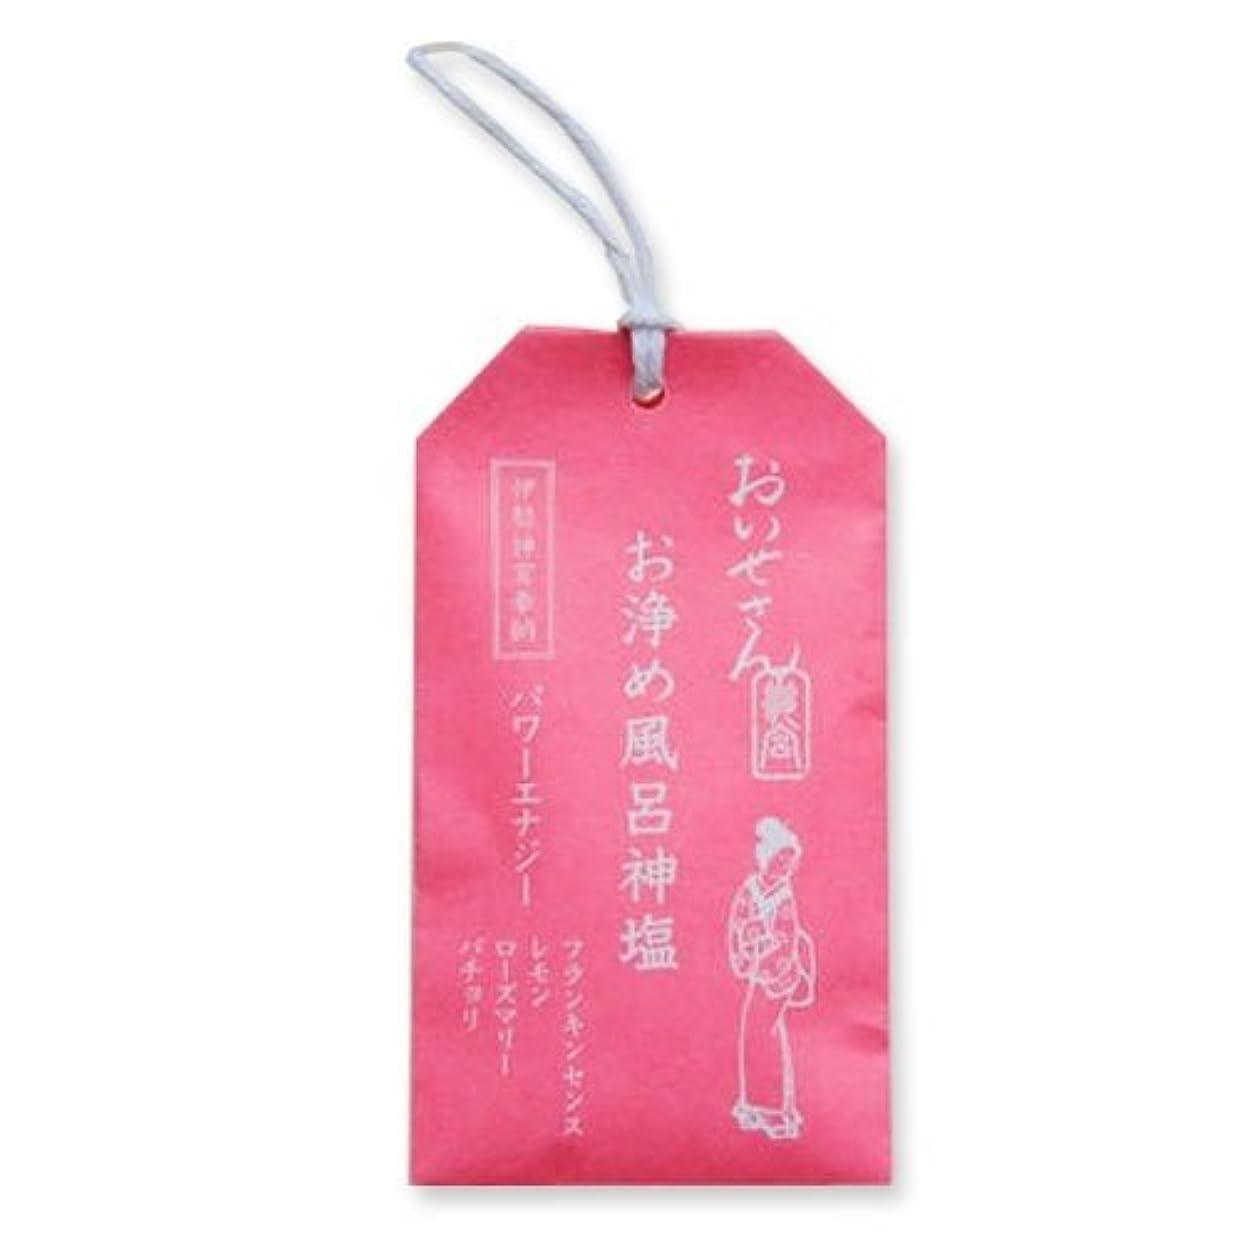 経験ブレースヘビおいせさん お浄め風呂神塩 バス用ソルト(パワーエナジー) 20g